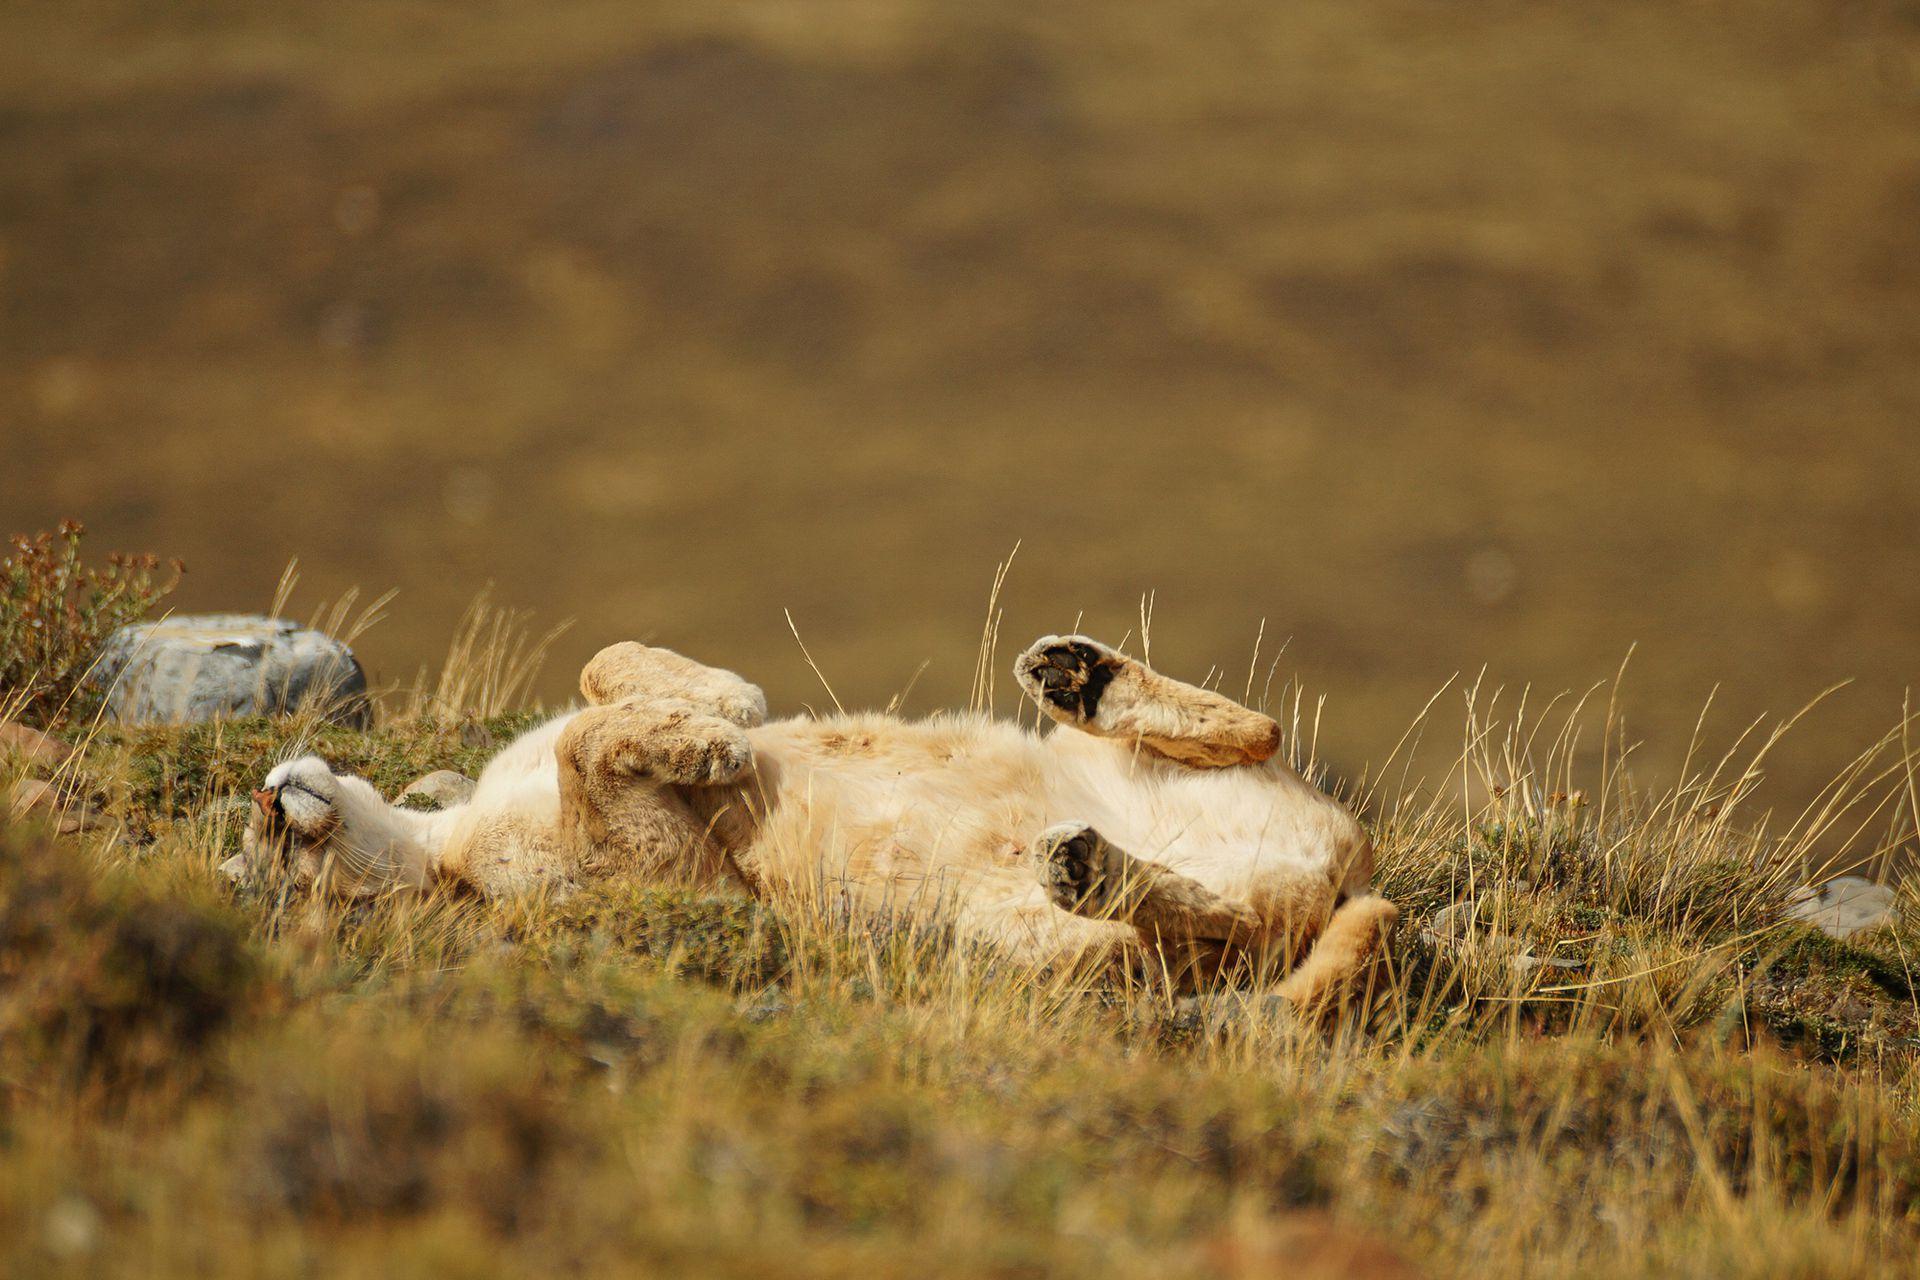 Ver un puma retozar al sol es difícil, pero posible, con paciencia y algo de suerte en PN Torres del Paine.